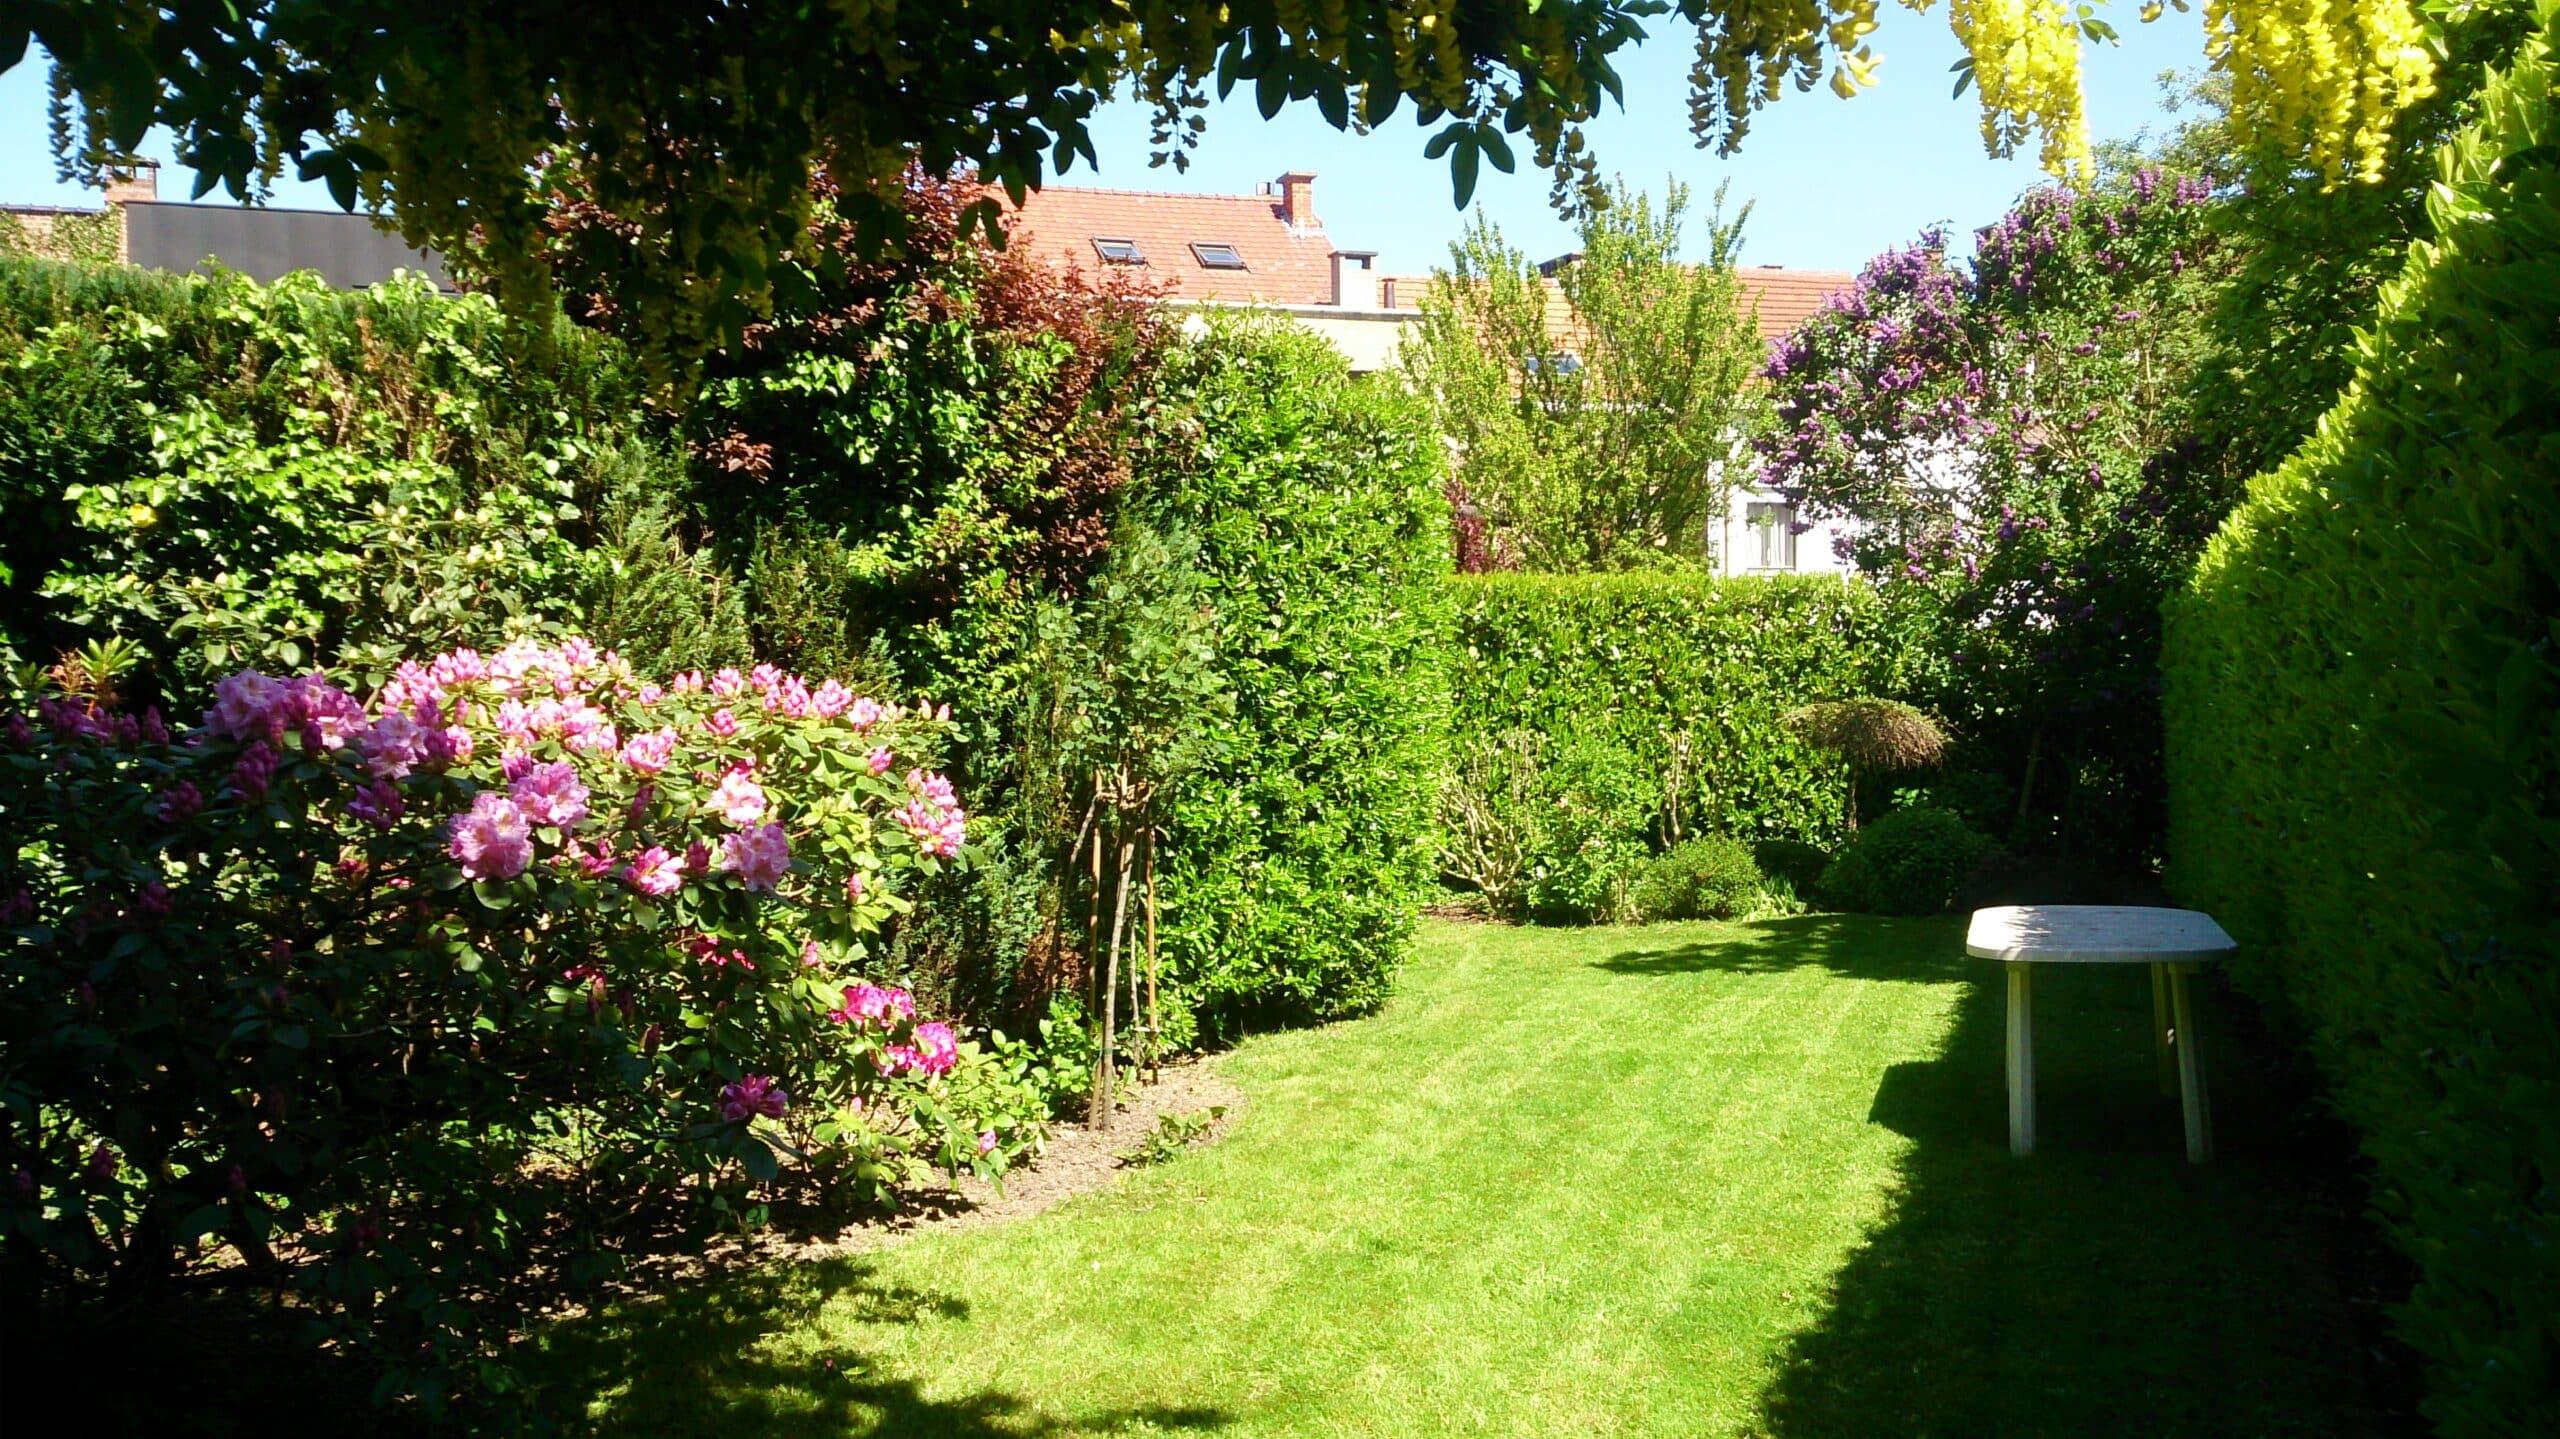 pelouse archives page 4 sur 4 plaisir vert jardinier paysagiste et arboriste cordiste. Black Bedroom Furniture Sets. Home Design Ideas